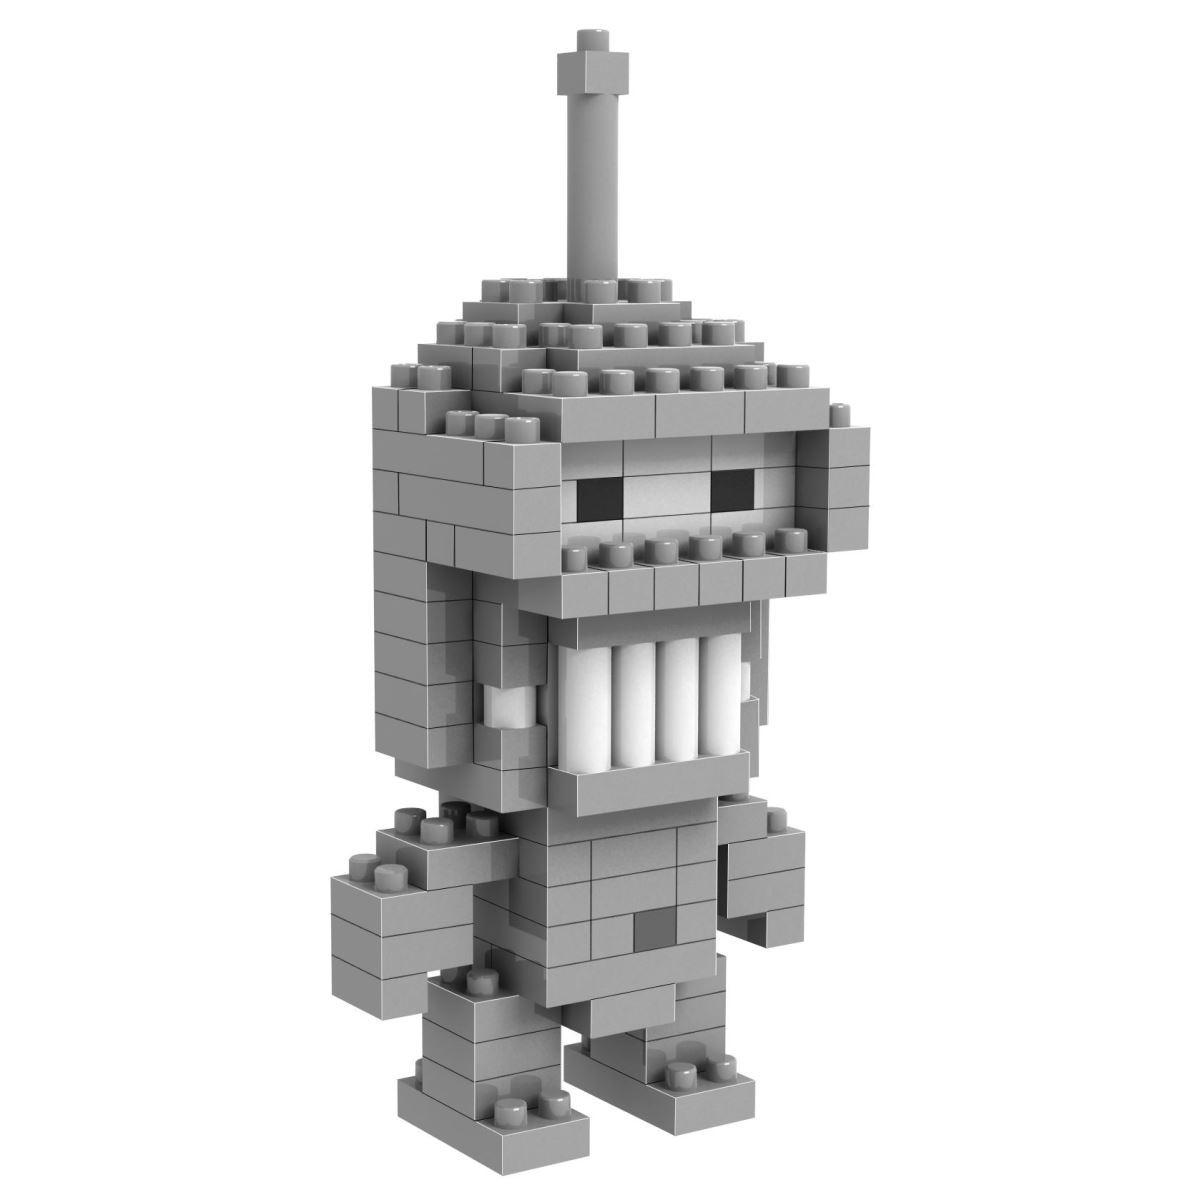 Loz Конструктор Diamond Block Робот Бендер9310Конструктор Diamond Block Робот Бендер привлечет внимание любителей мультипликационного сериала Футурама и прекрасно подойдет в качестве подарка как взрослому, так и ребенку.